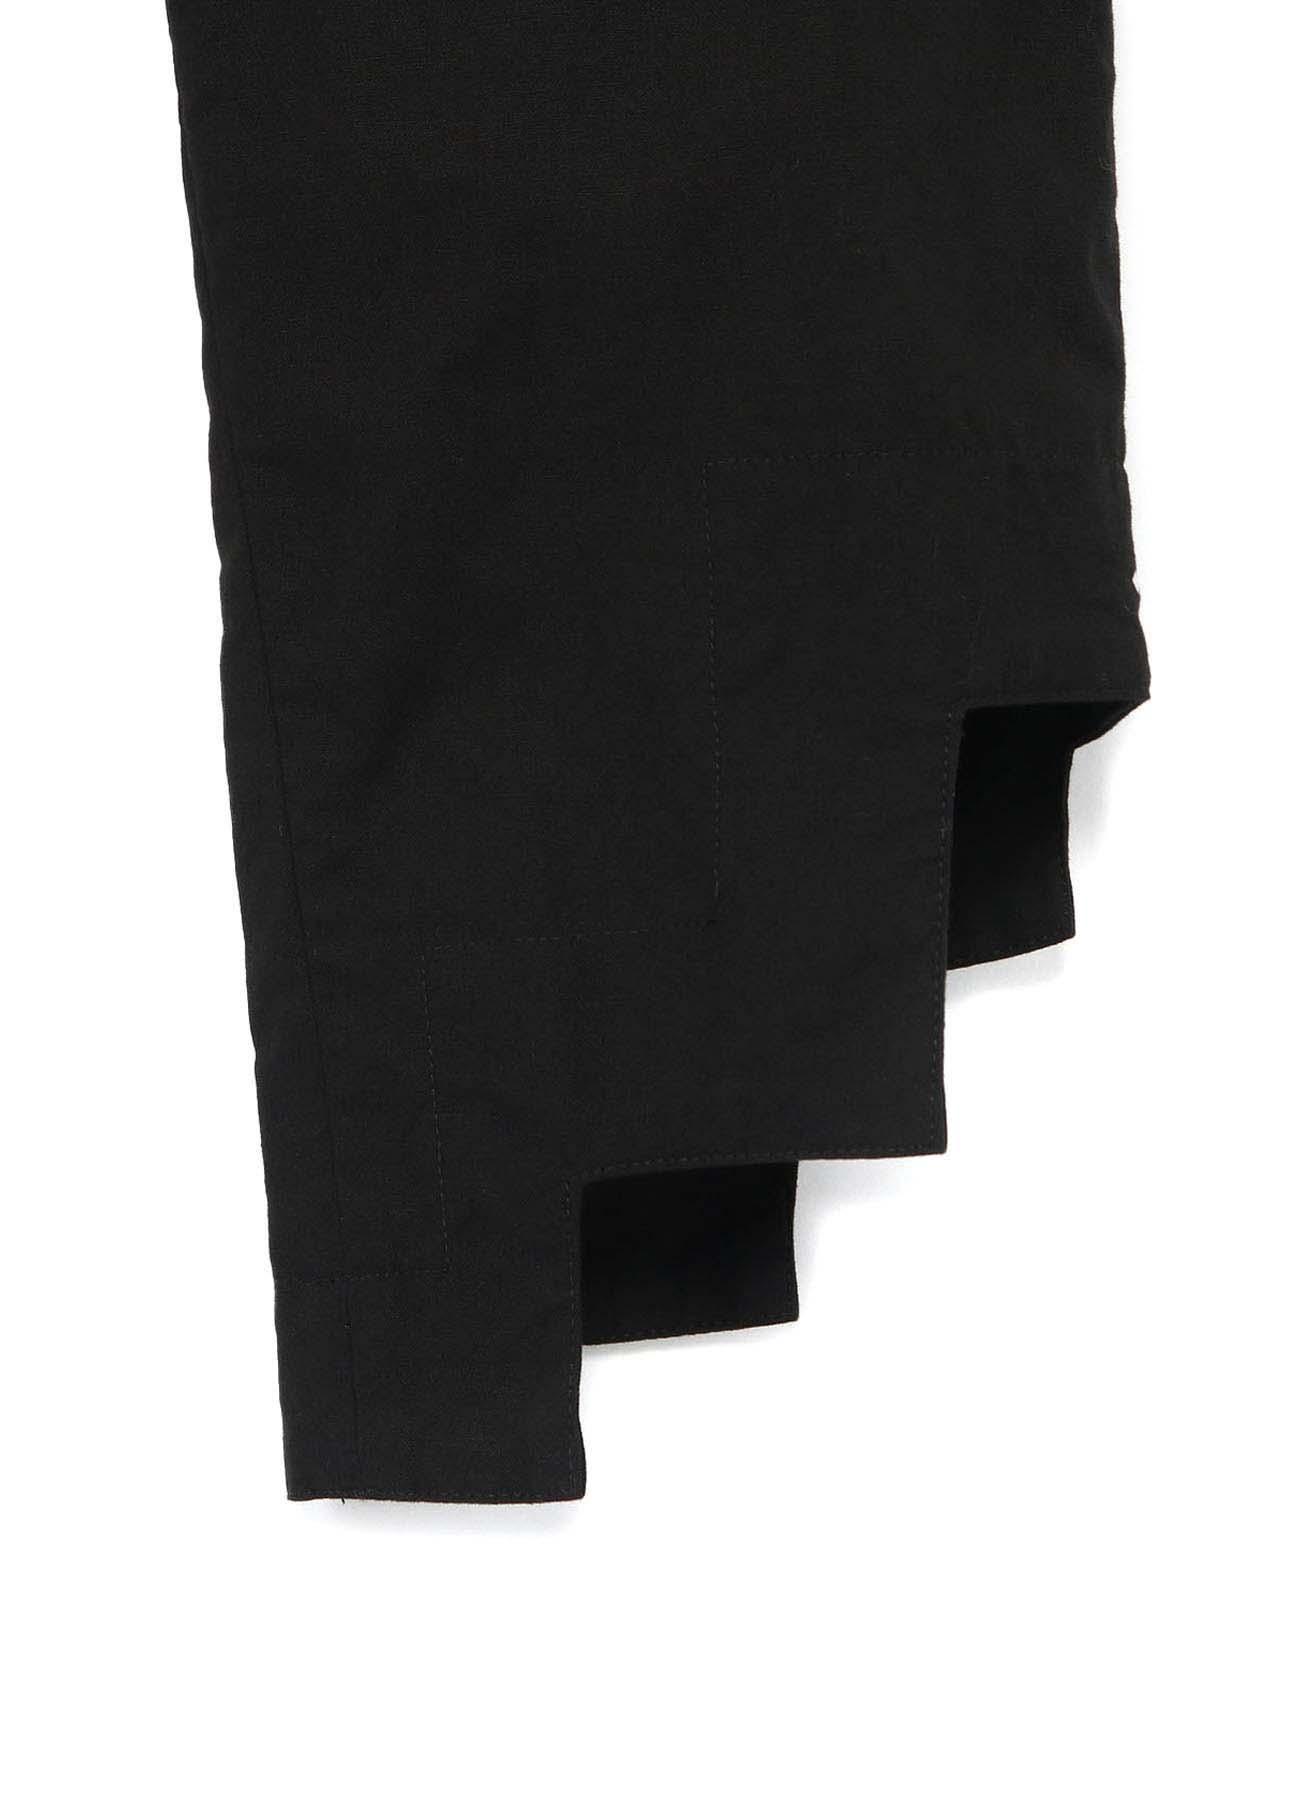 Cotton Cloth Block Design Pants